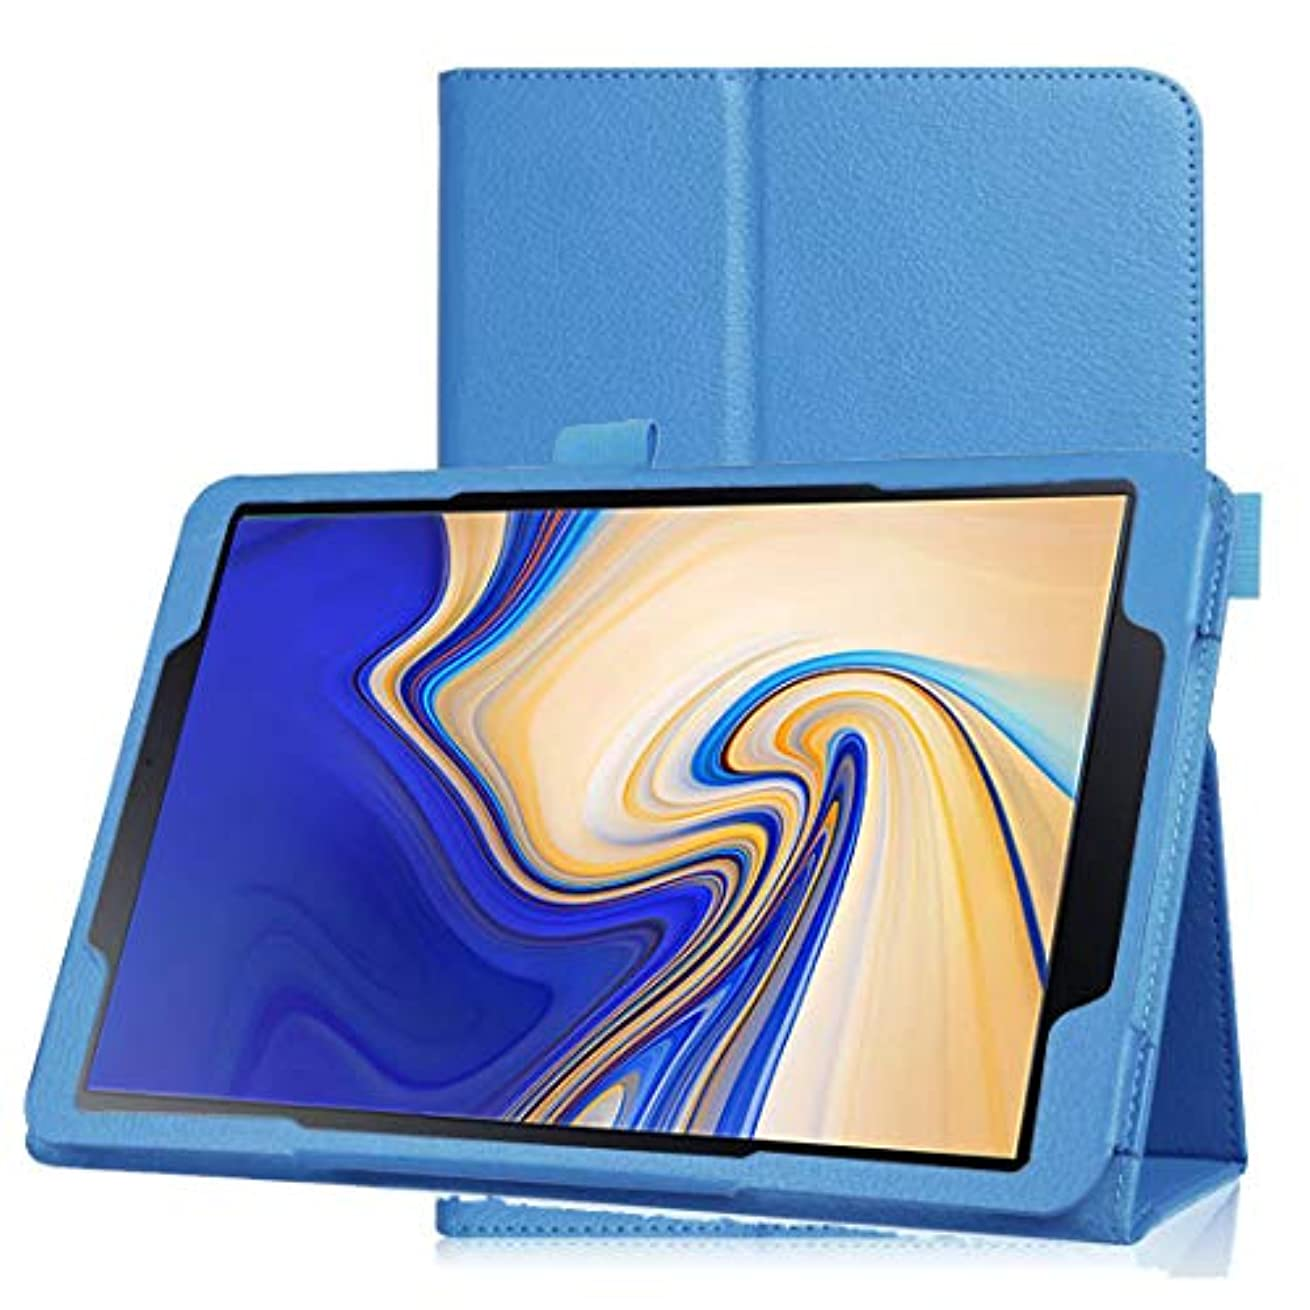 目覚める最後に治安判事Galaxy tab a 10.5 全面保護ケース INorton 本革ケース スタンド機能 衝撃吸収 PUレザー 軽量薄型 排熱性アップ ソフトケース T830 T835対応